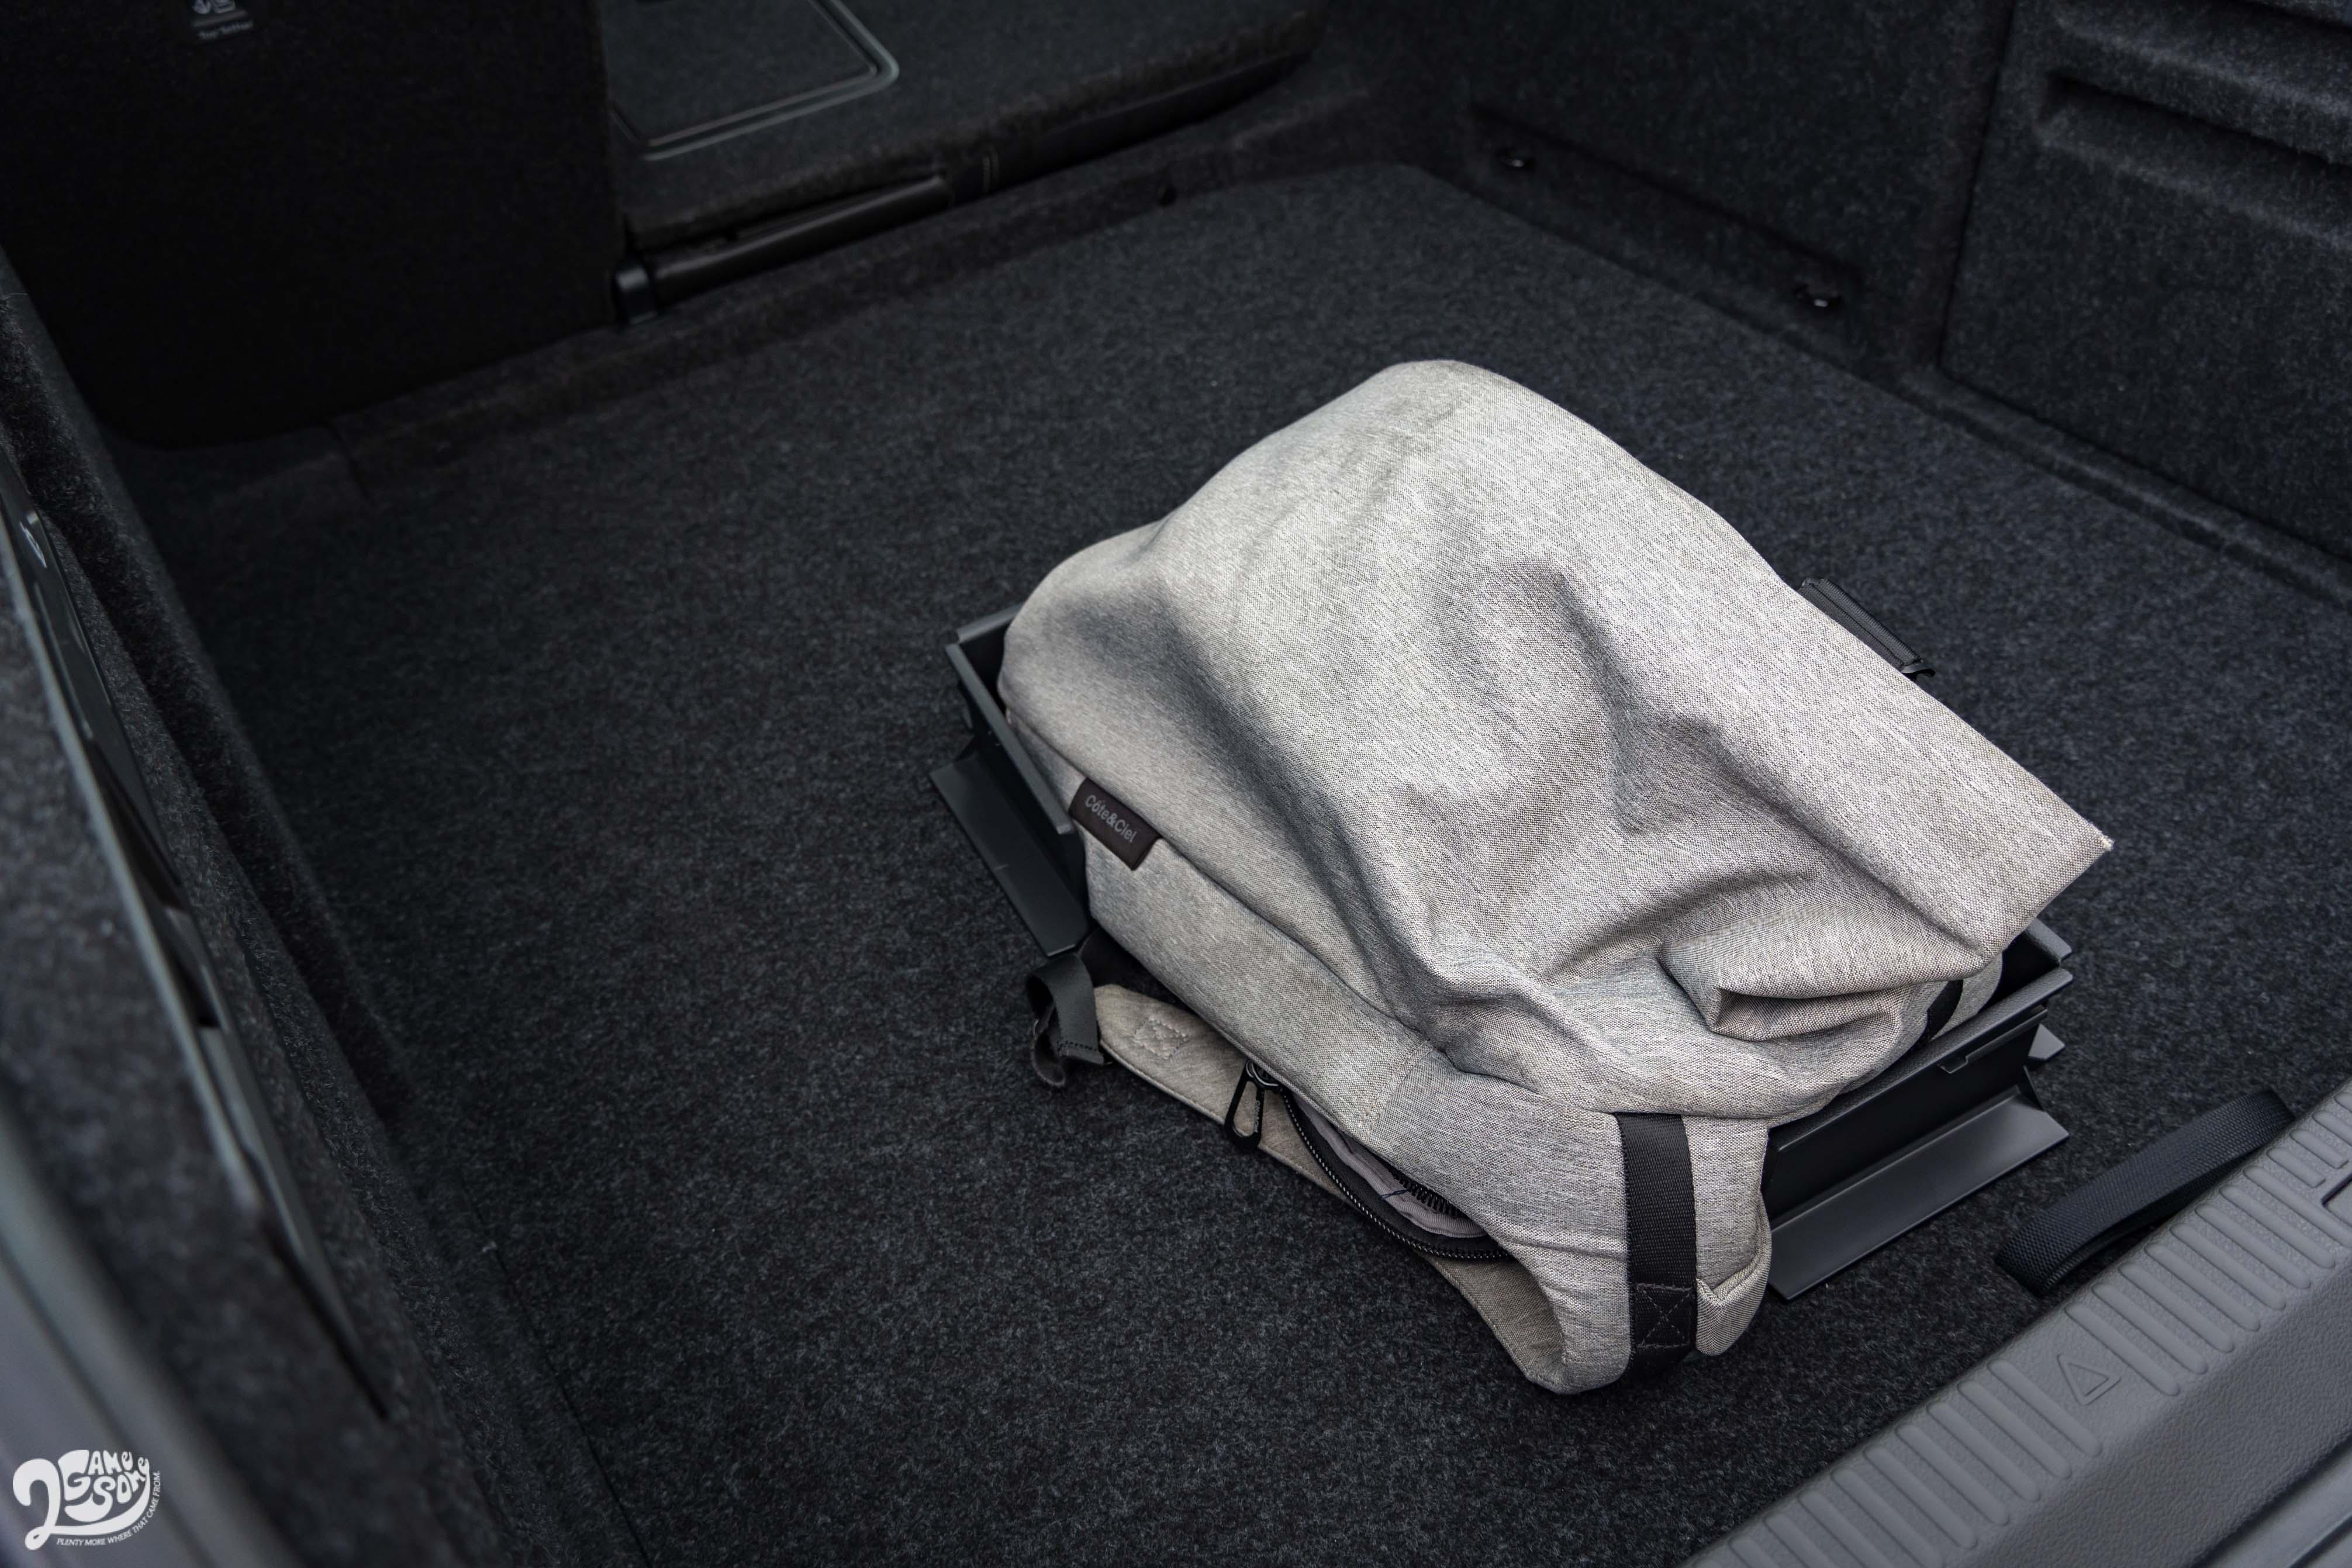 側邊夾層提供魔鬼氈隔板,防止行李滑動。